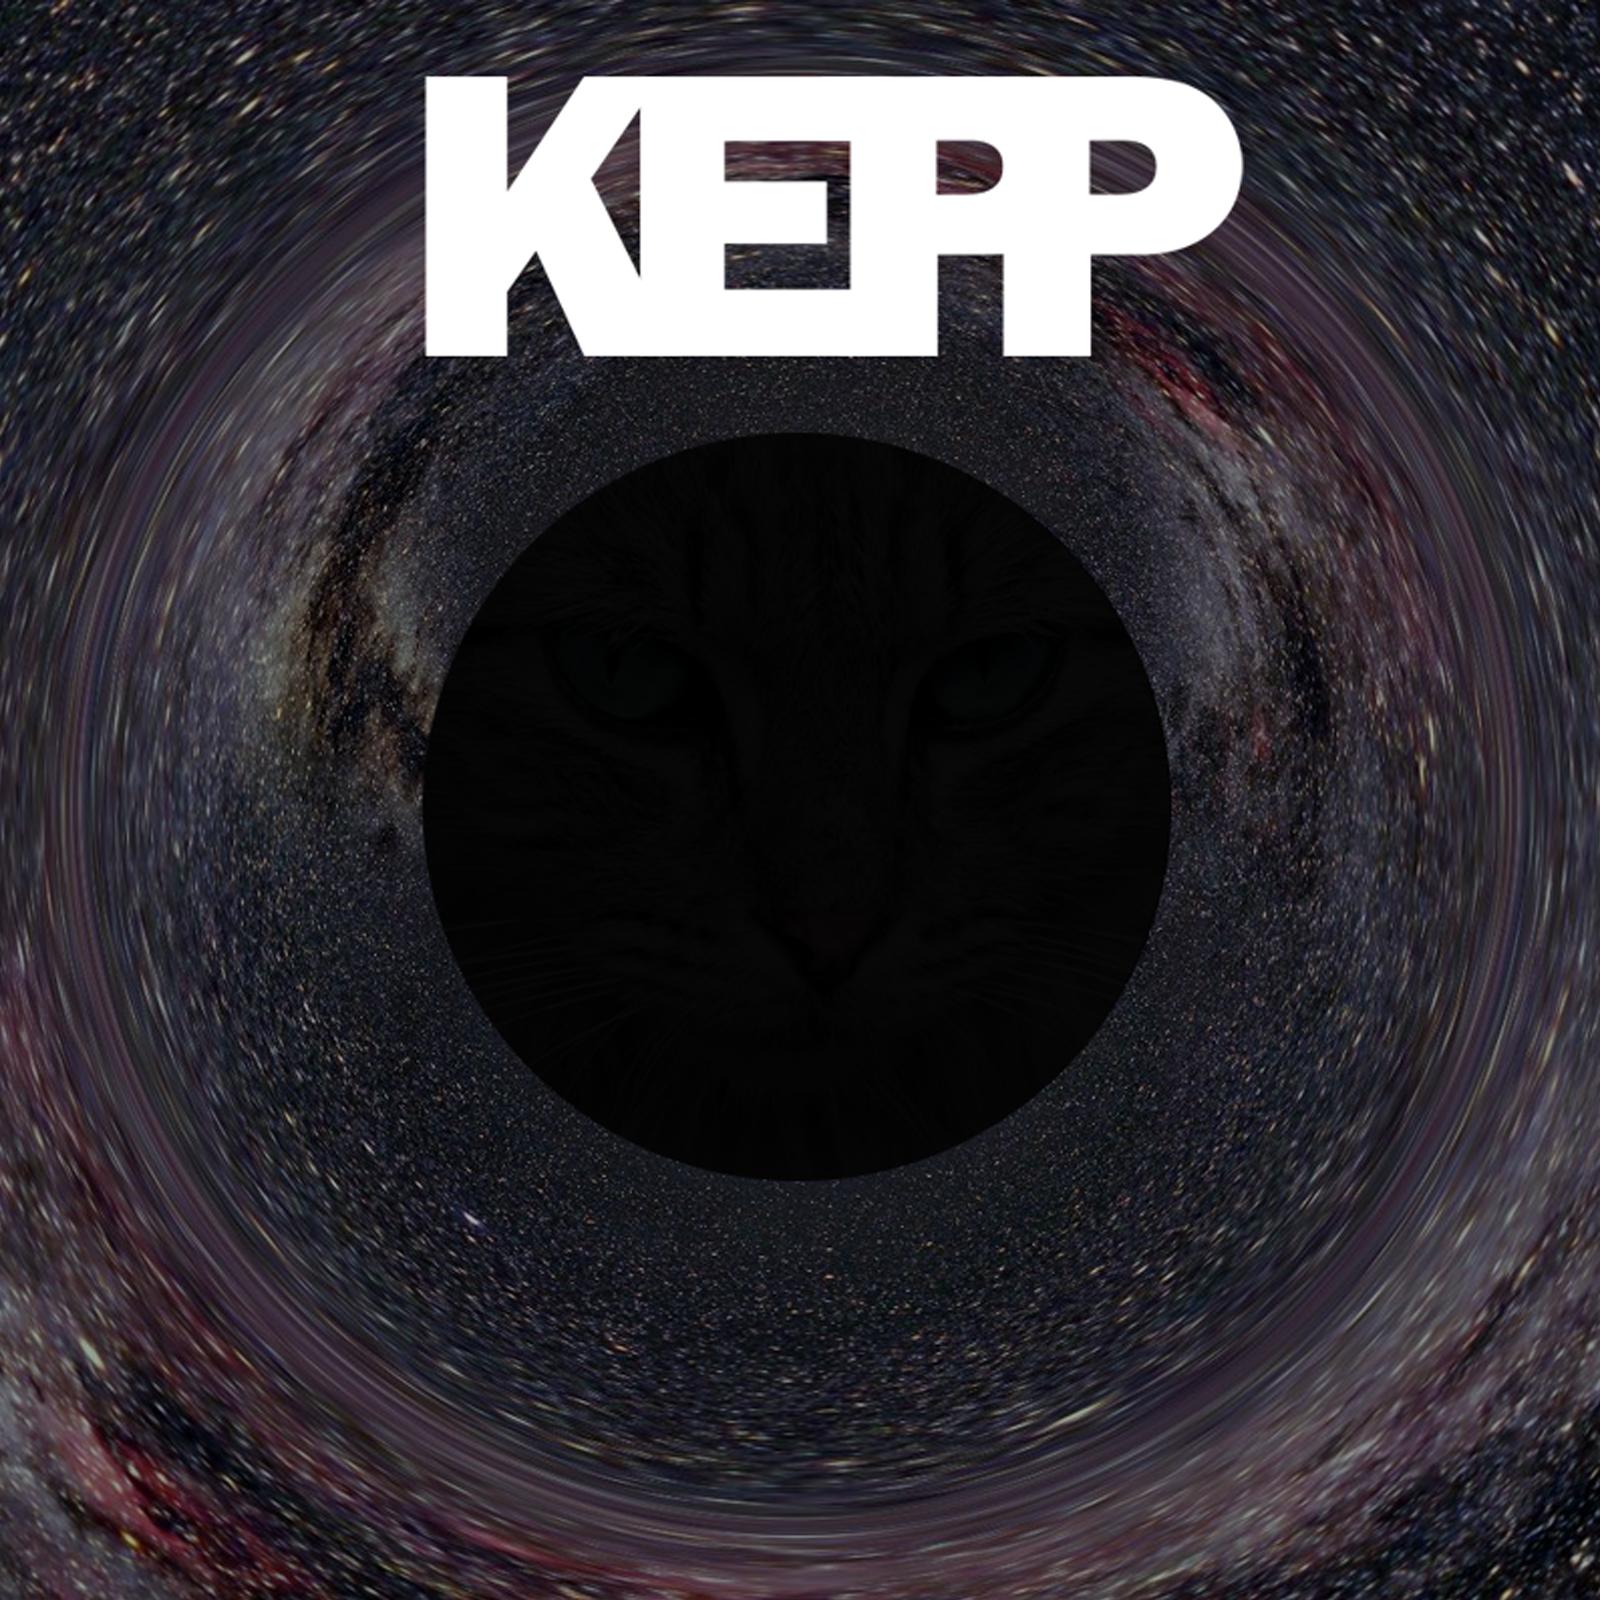 Kepp 2018 Utrecht, Netherlands (Down the (?)Hole (Dark